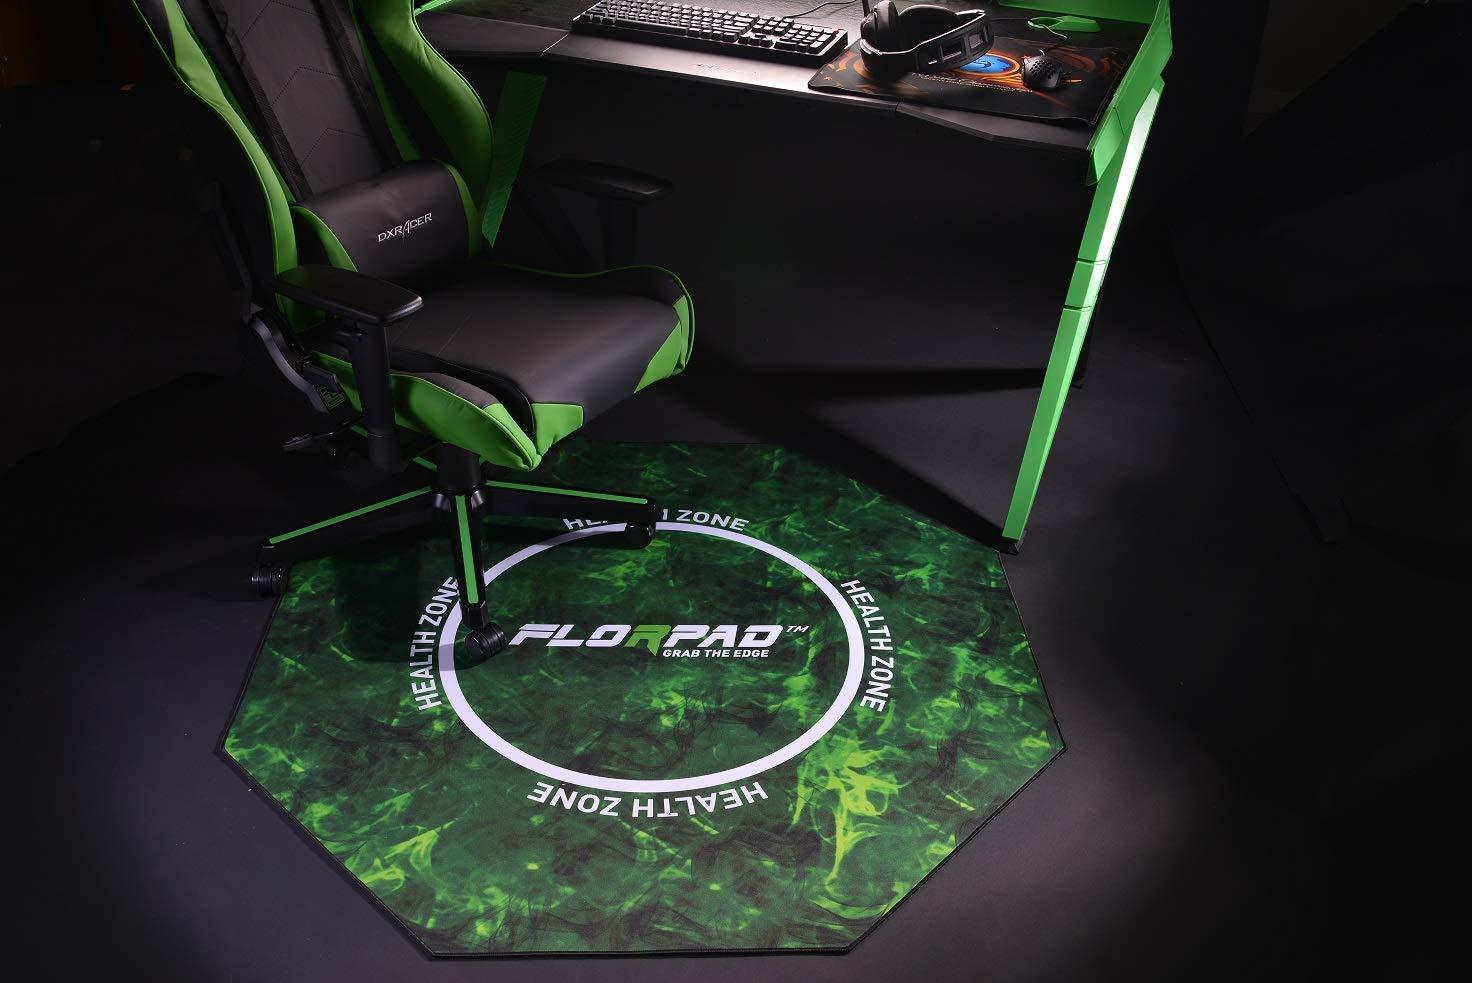 Florpad - Health Zone - Tapete protector para el piso y la alfombra de la silla de juego para el escritorio en el hogar - Resistente al agua - Apto para ...